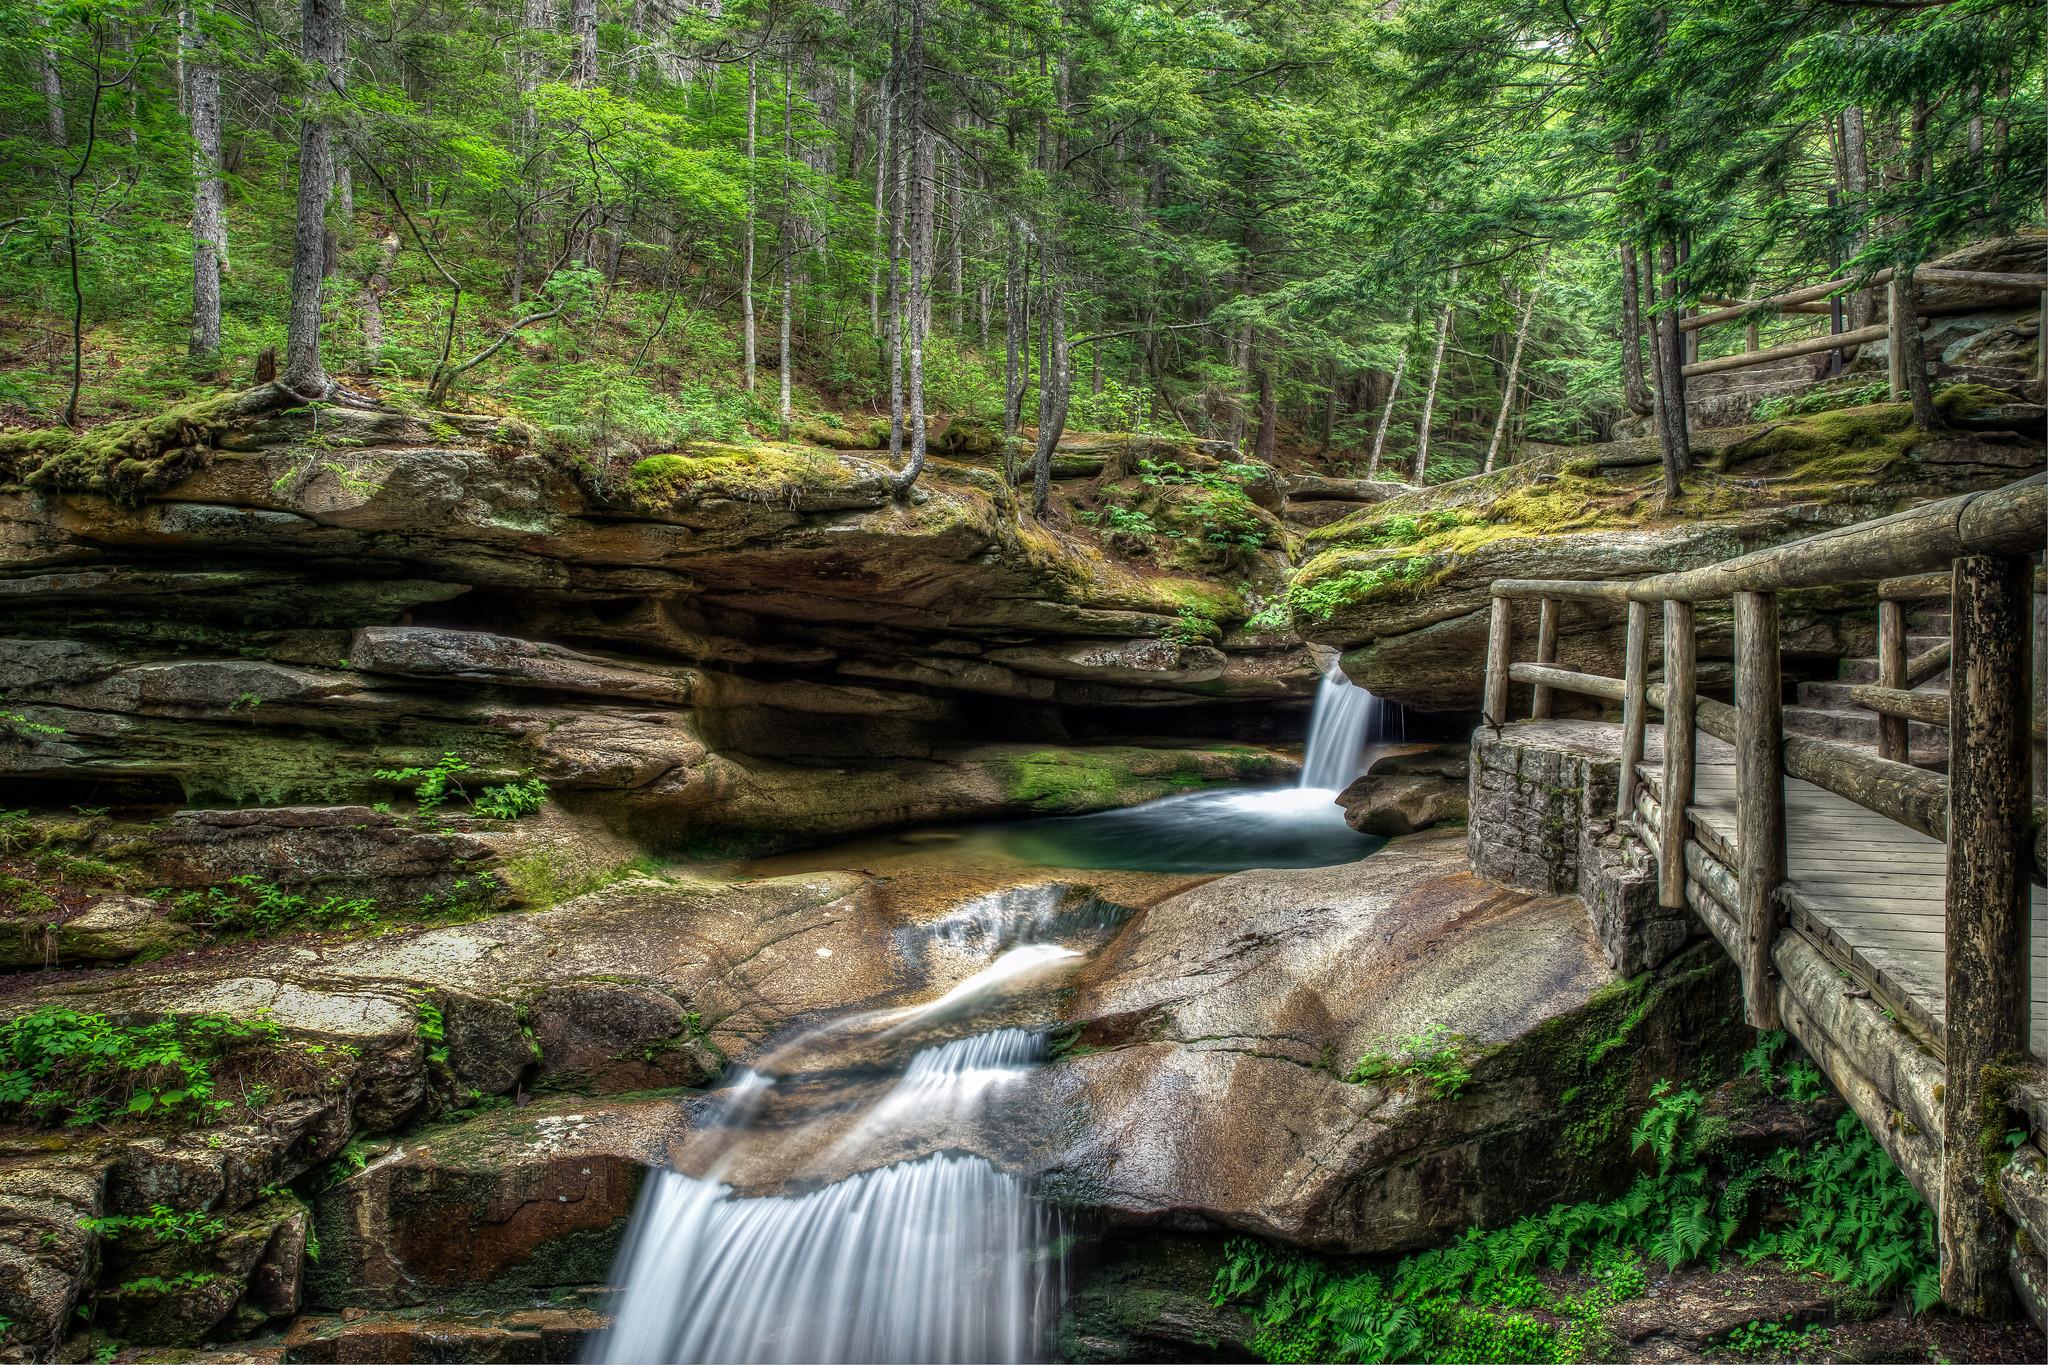 Нью-Гемпшир, Национальный заповедник, Новая Англия